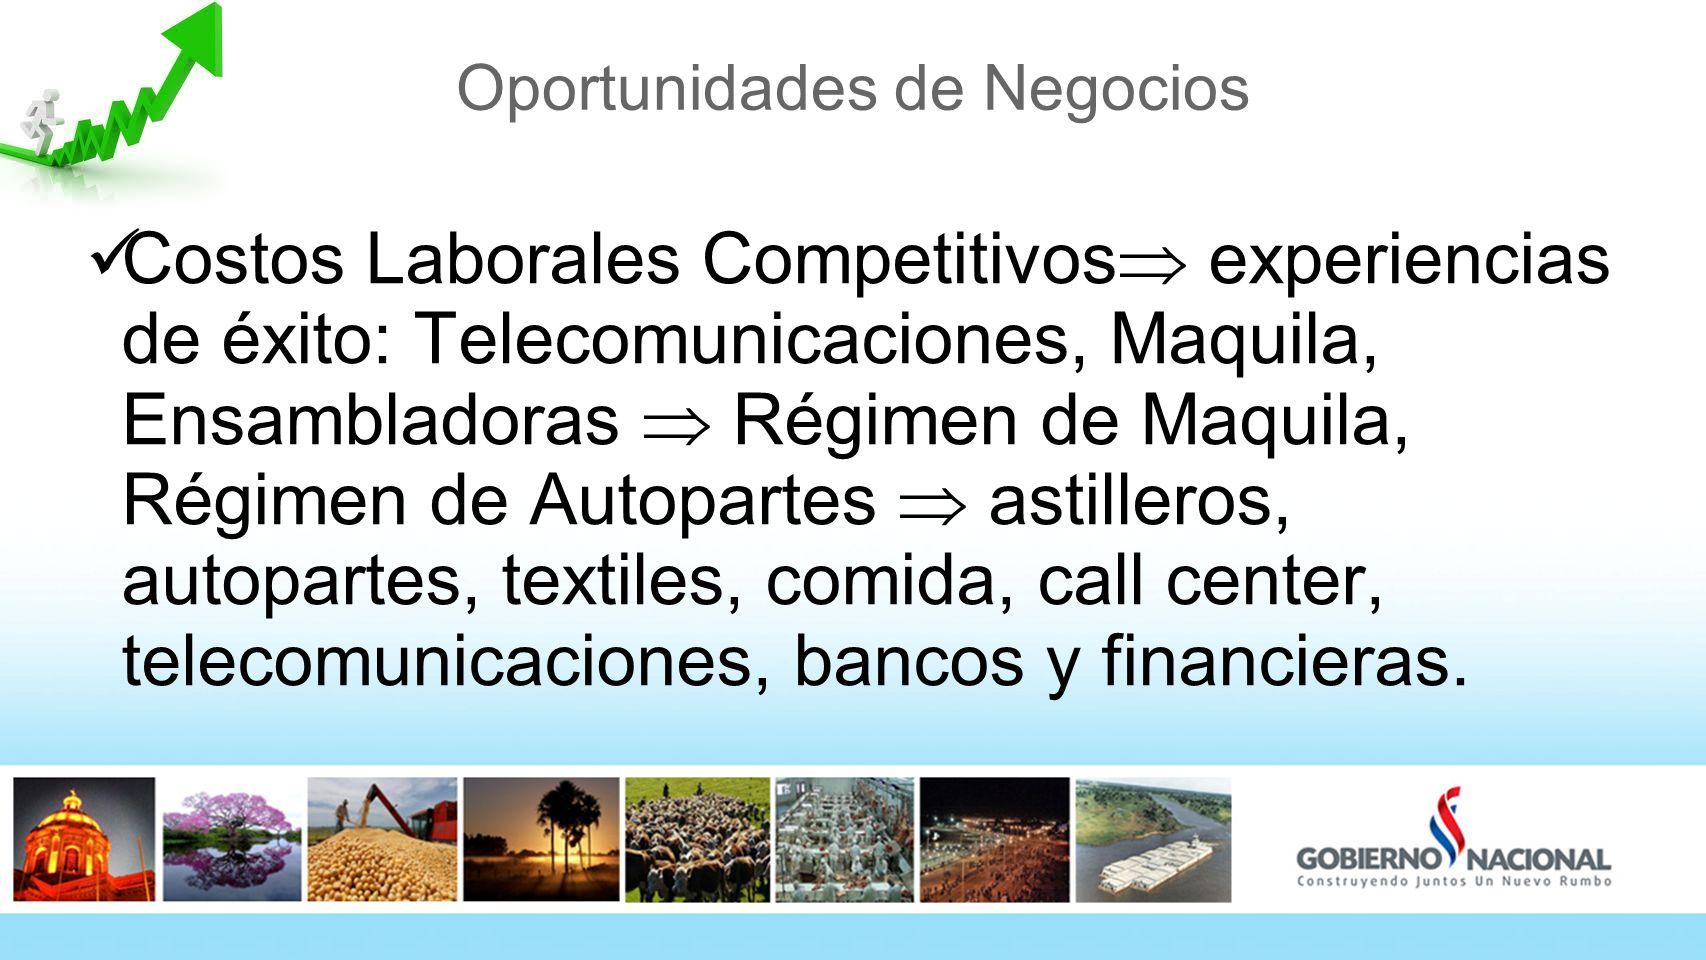 Oportunidades de Negocios Costos Laborales Competitivos experiencias de éxito: Telecomunicaciones, Maquila, Ensambladoras Régimen de Maquila, Régimen